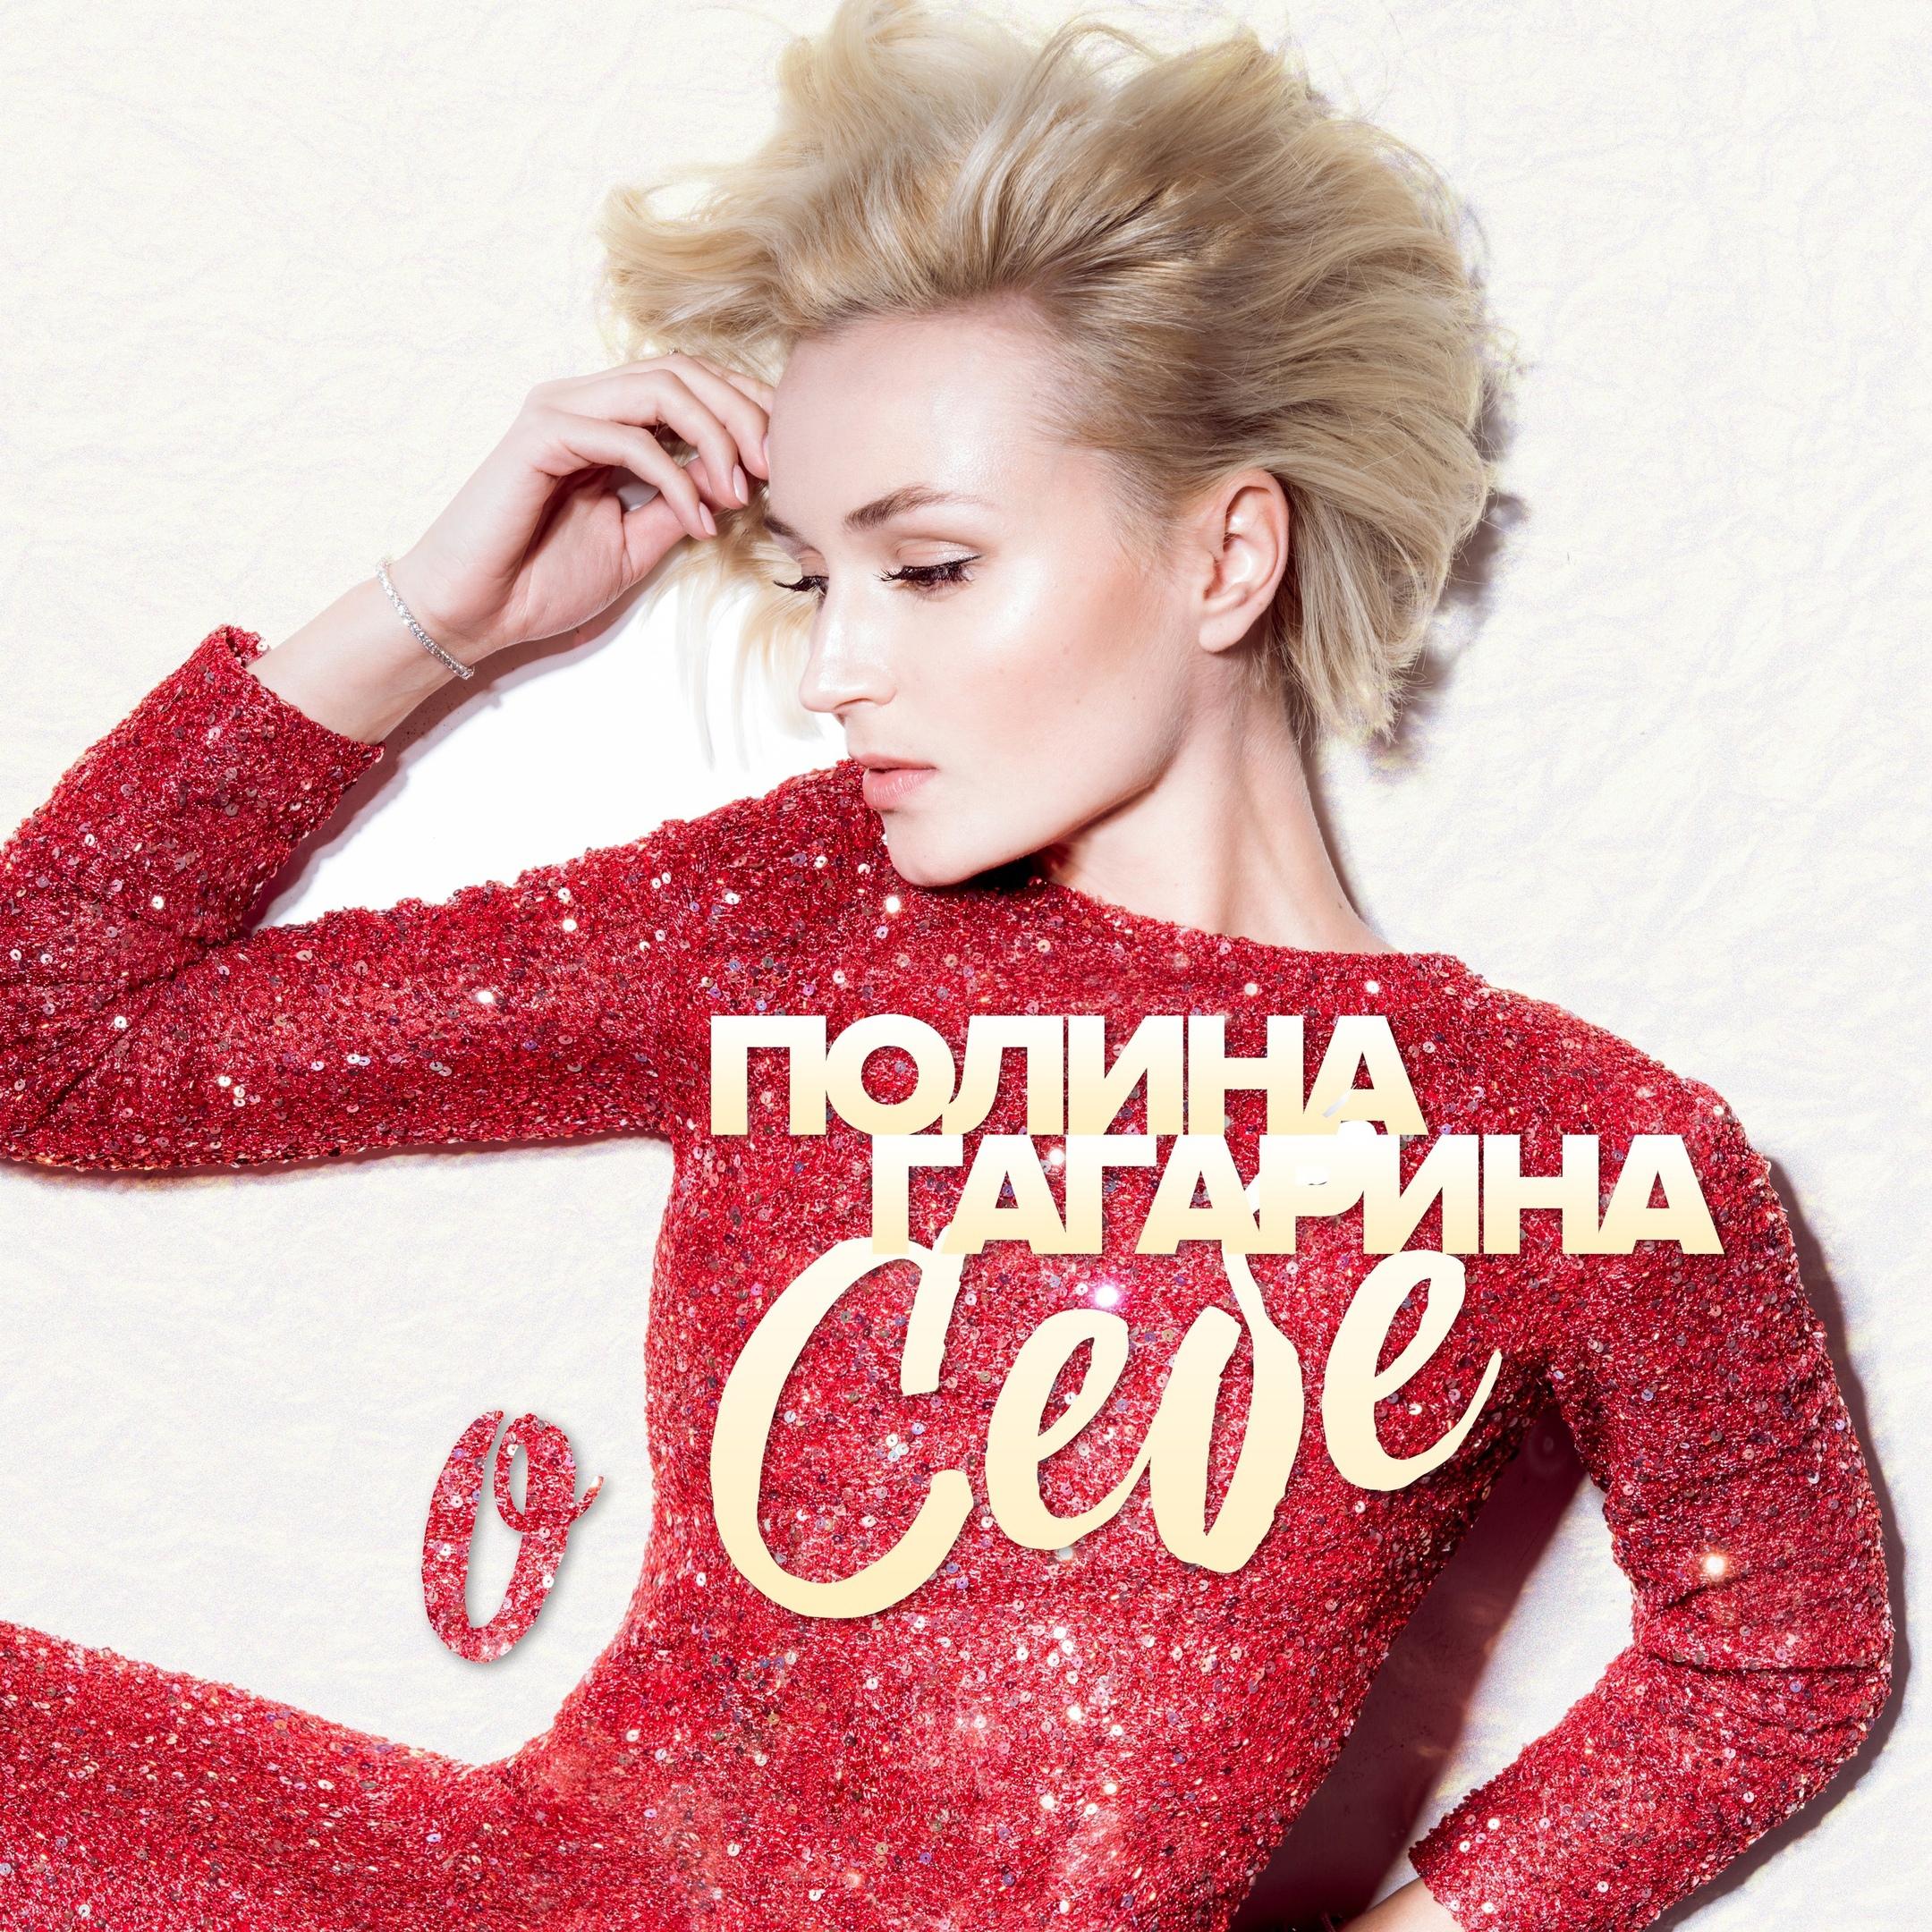 Полина Гагарина album О себе (2018 Version)